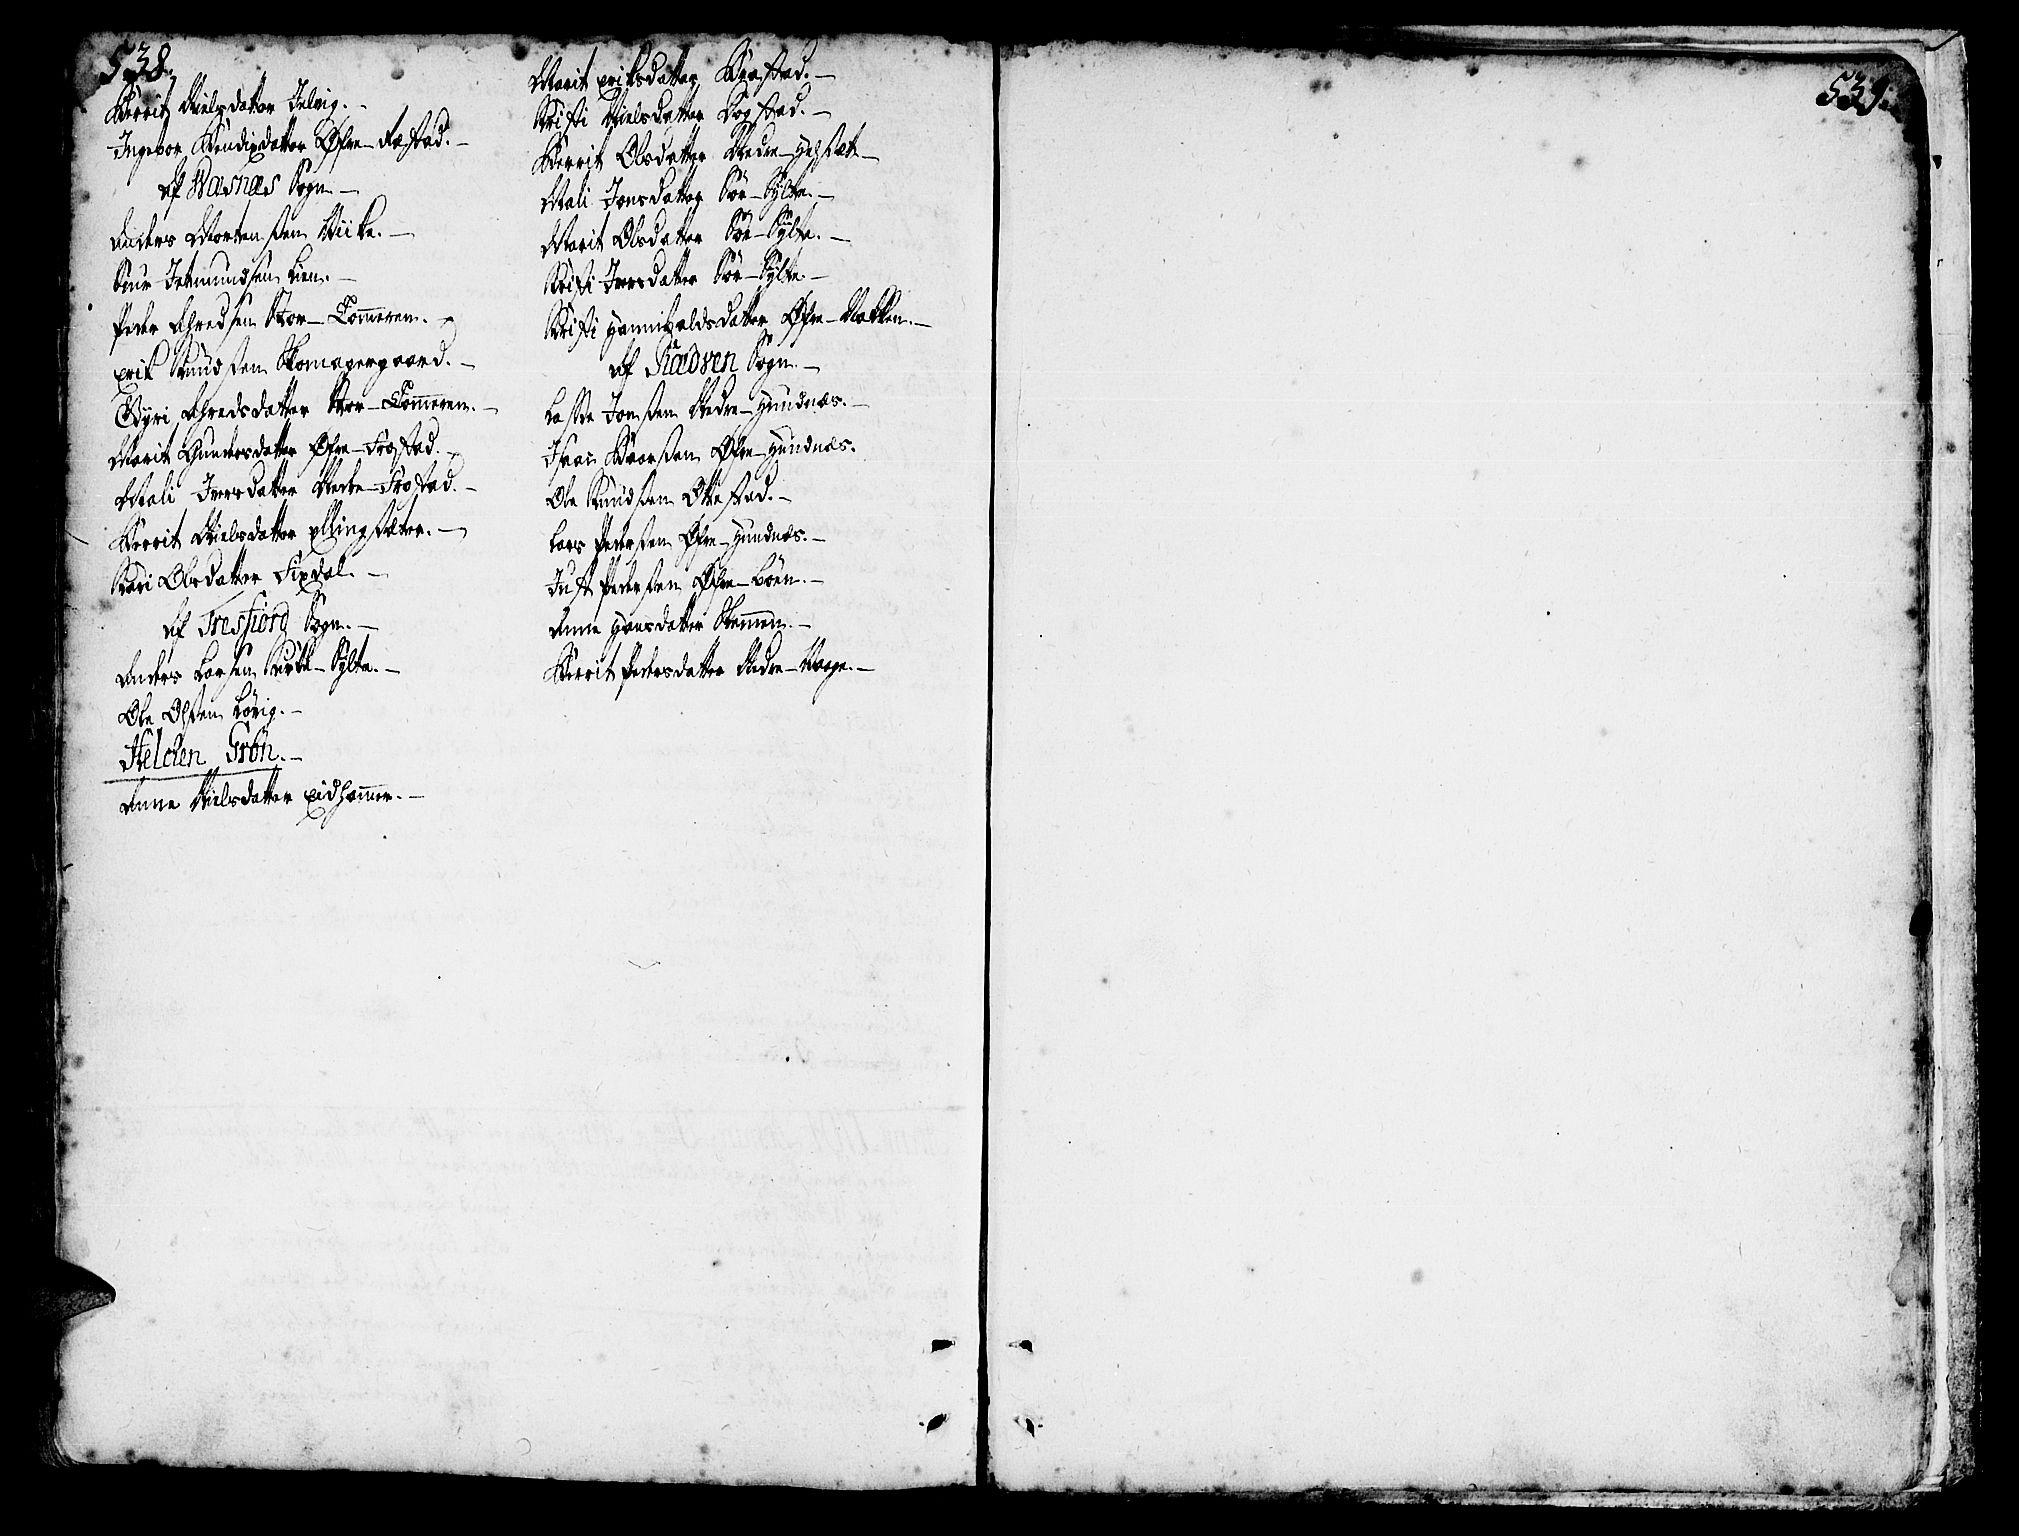 SAT, Ministerialprotokoller, klokkerbøker og fødselsregistre - Møre og Romsdal, 547/L0599: Ministerialbok nr. 547A01, 1721-1764, s. 538-539